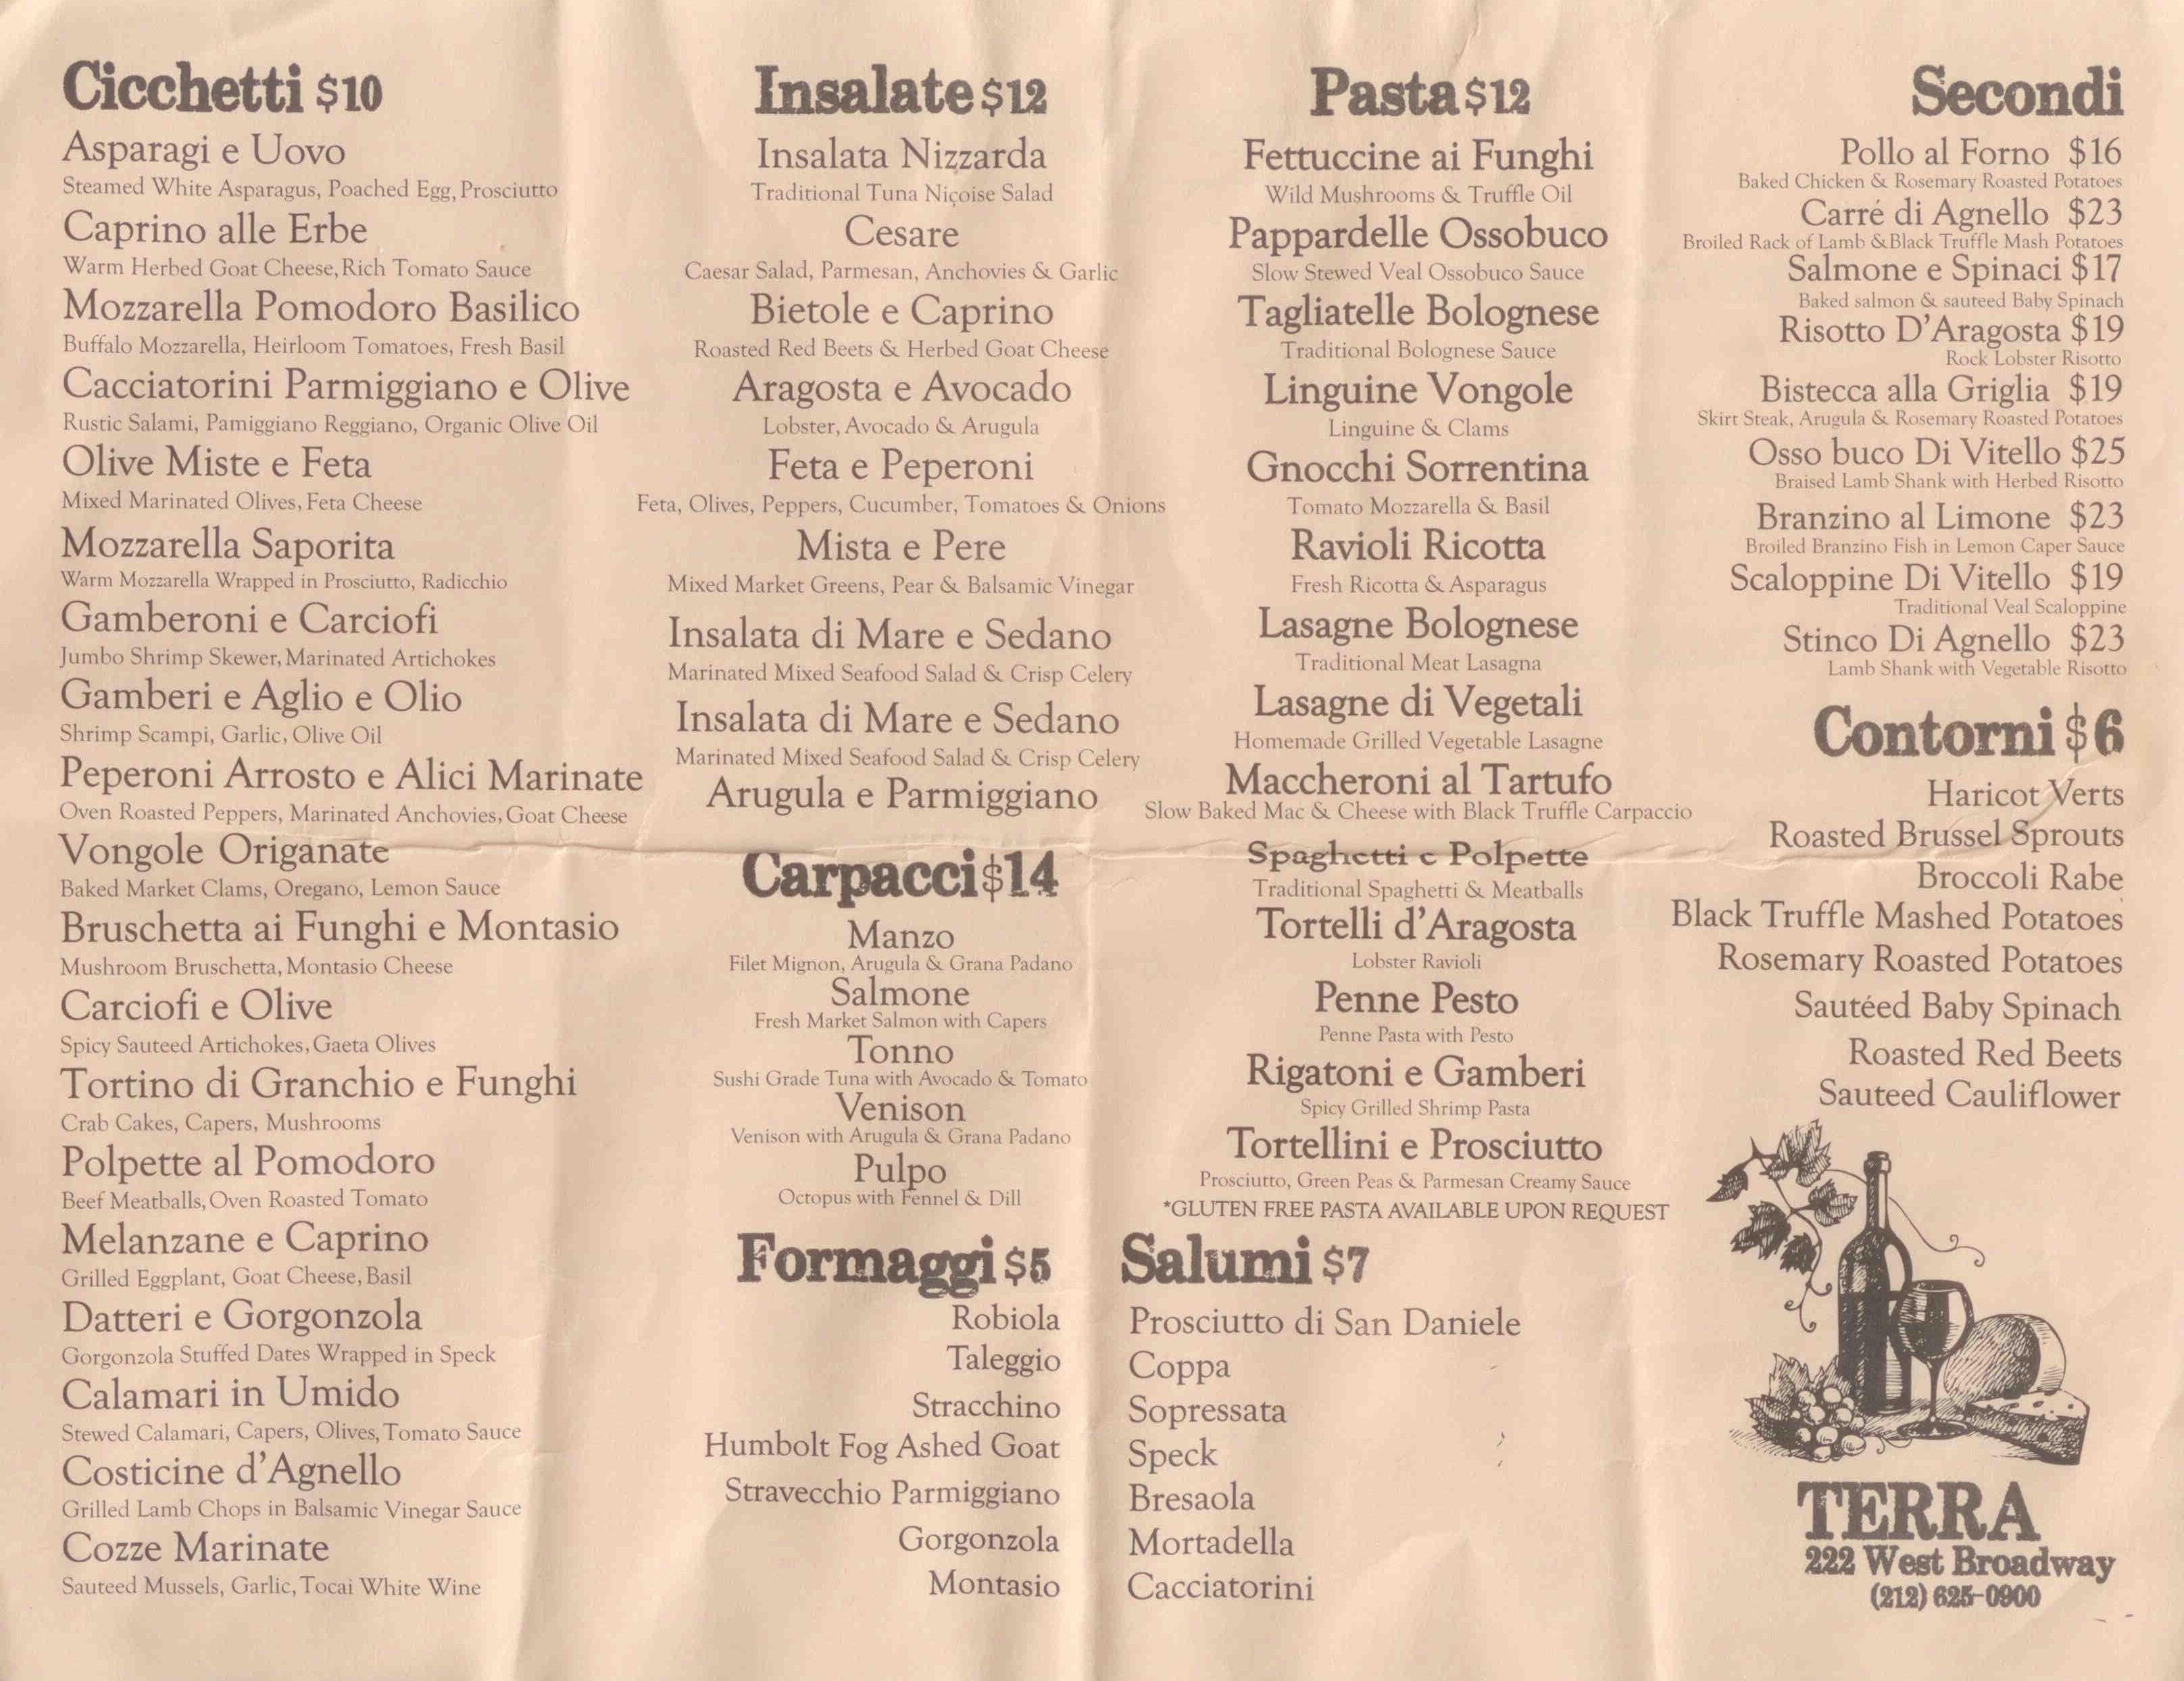 Terra food menu